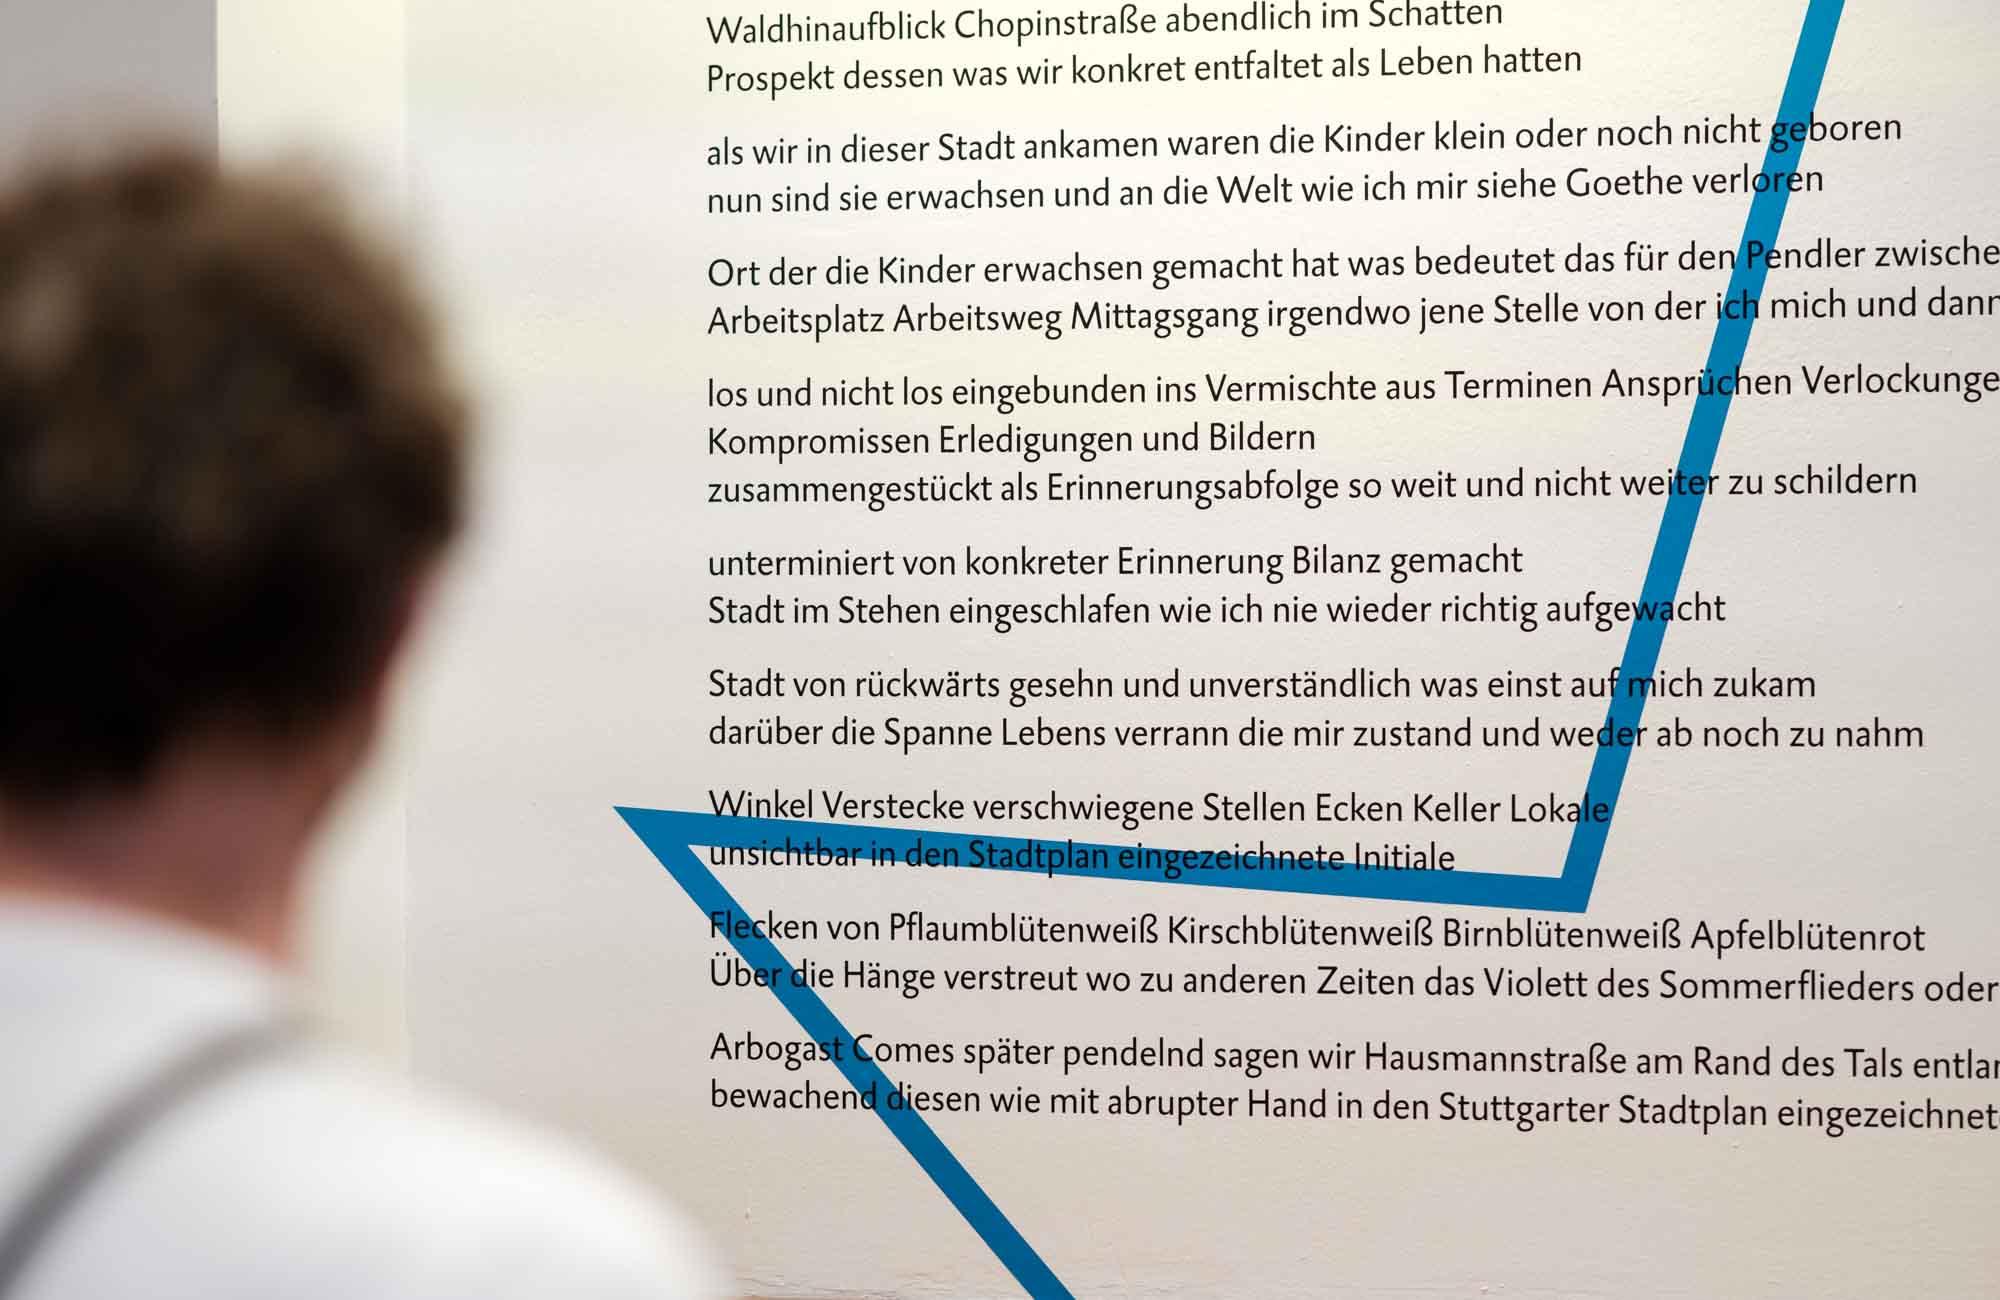 """Ulf Stolterfoht, Michael Lissek, Marcel Beyer, Zsuzsanna Gahse, Nancy Hünger, Uwe Timm, Helmut Böttiger: """"Sage ich Du zu mir oder Sie?"""" <br/>(c) Sebastian Wenzel"""